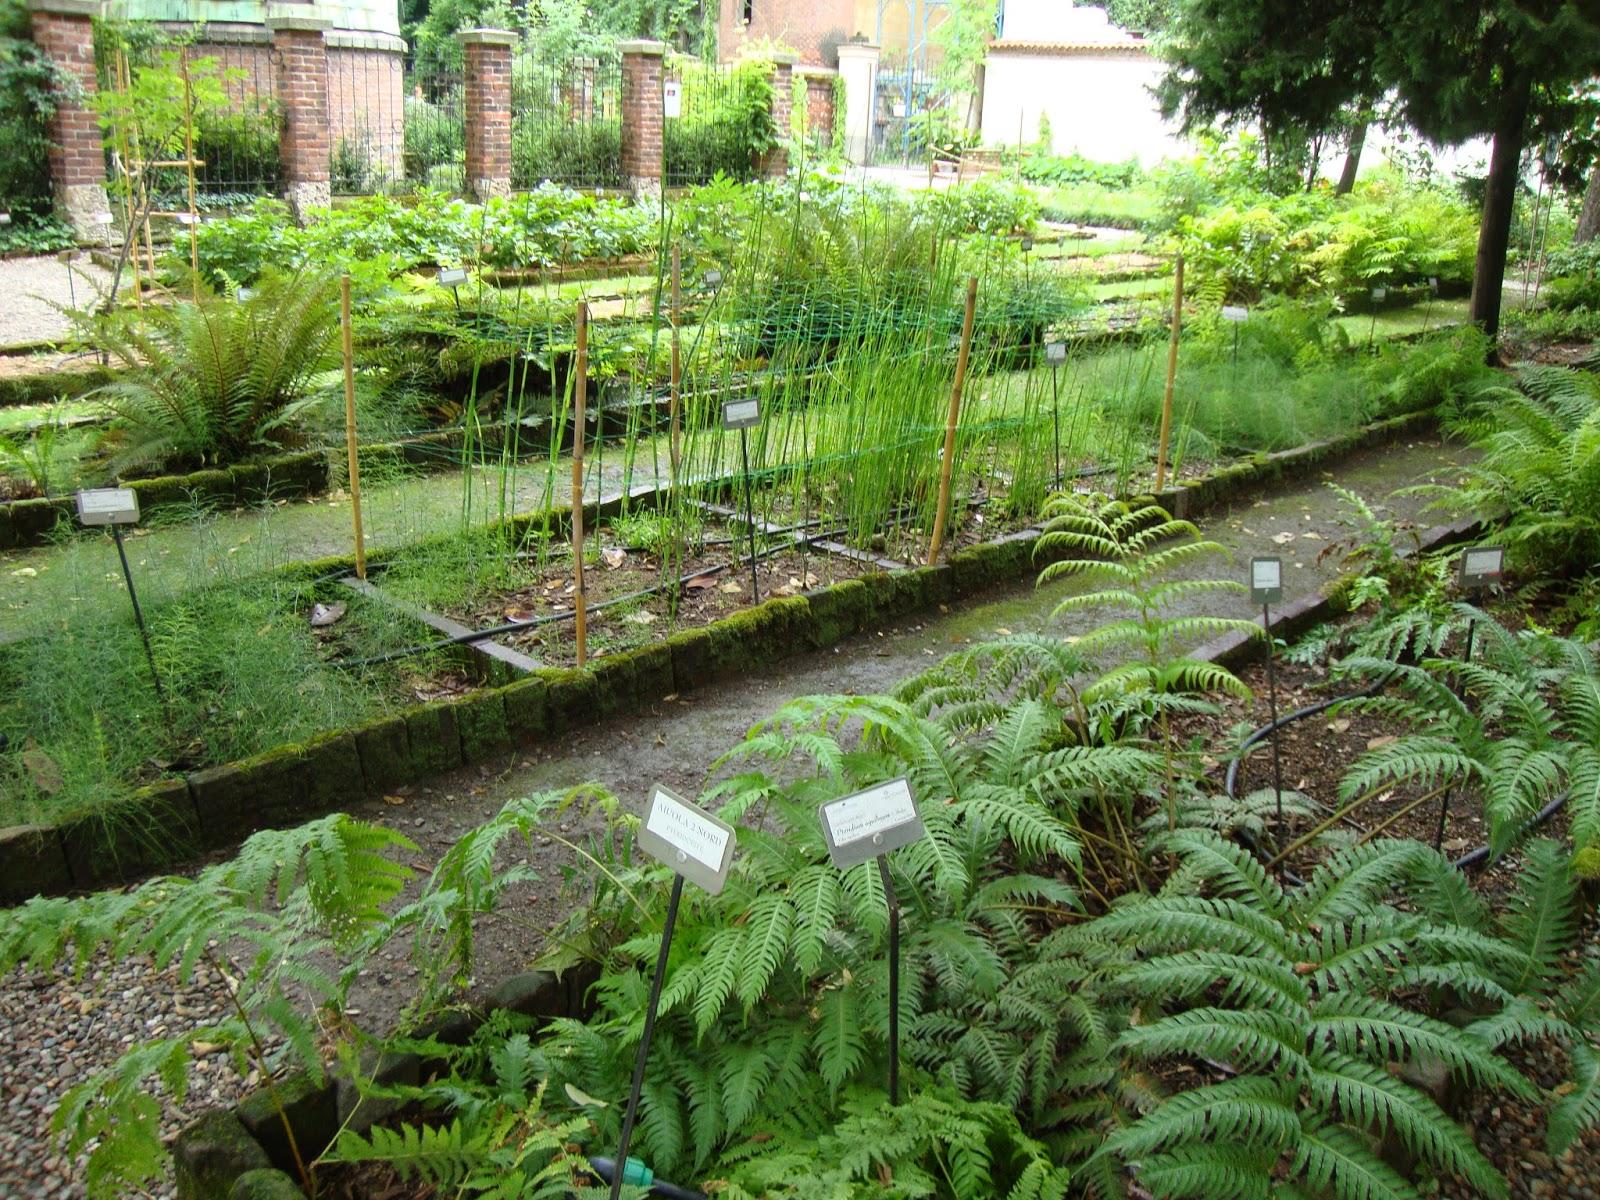 Un piccolo giardino in citt una visita all 39 orto botanico for Giardino botanico milano